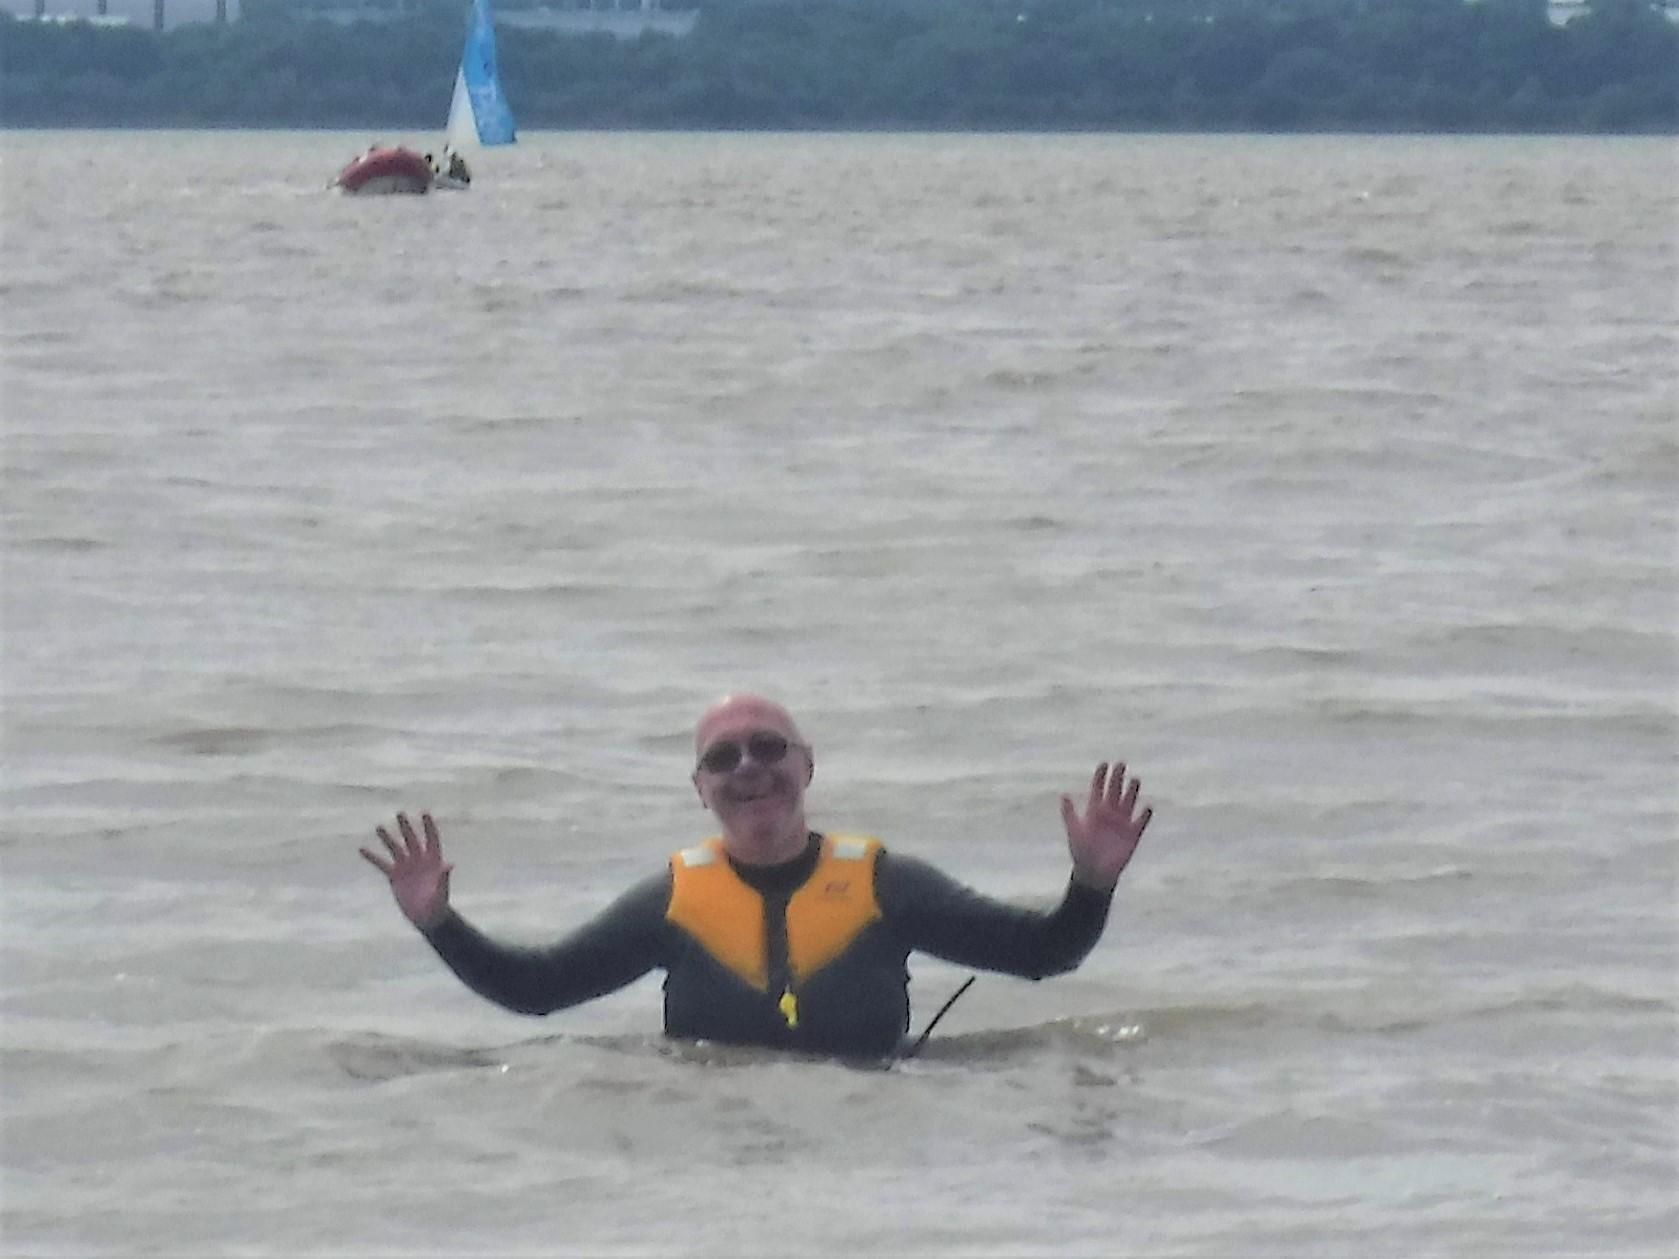 Kayak capsize